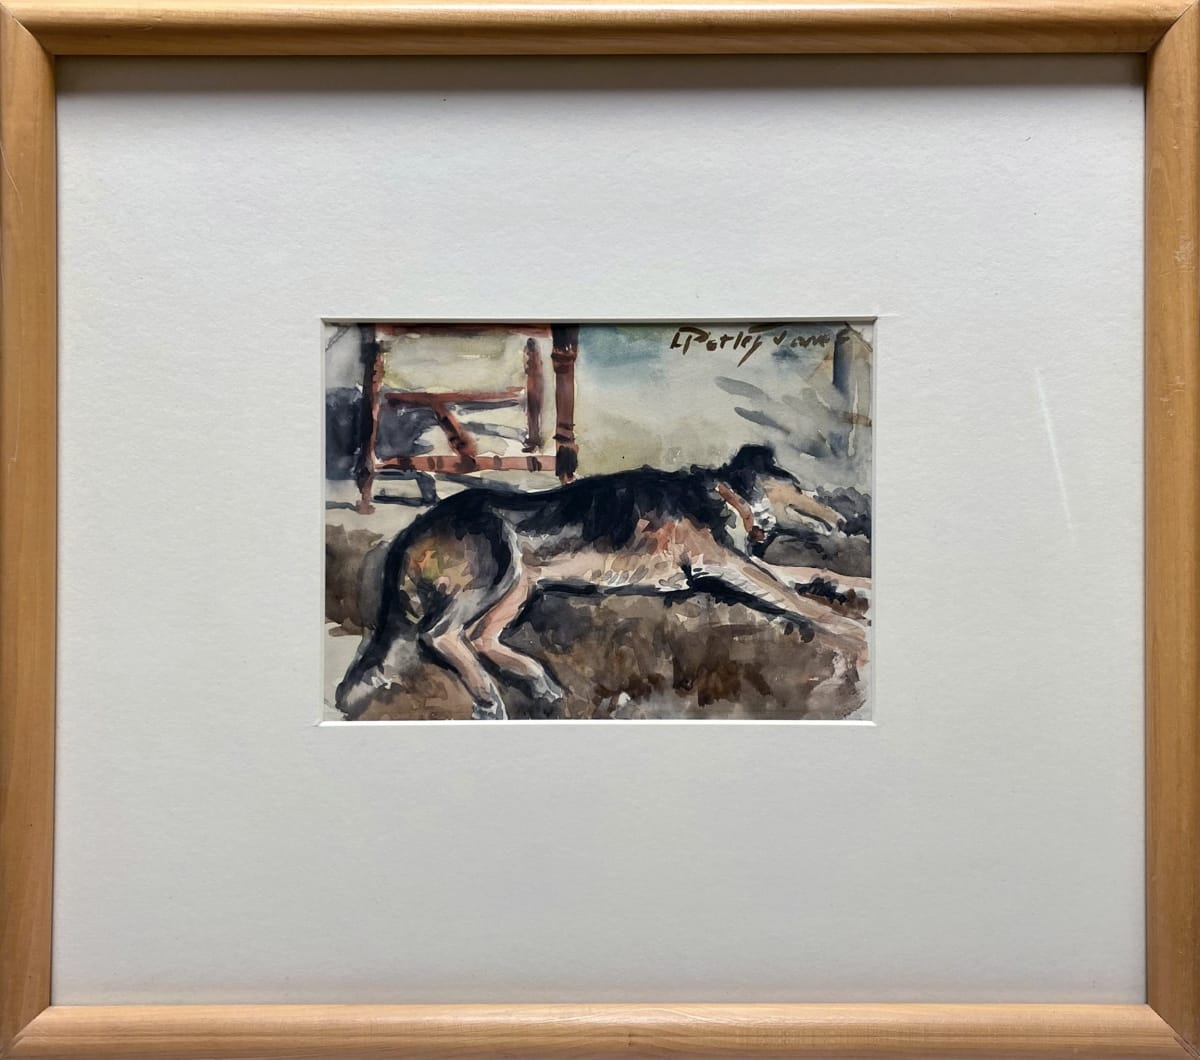 2786 - Our Dog by Llewellyn Petley-Jones (1908-1986)